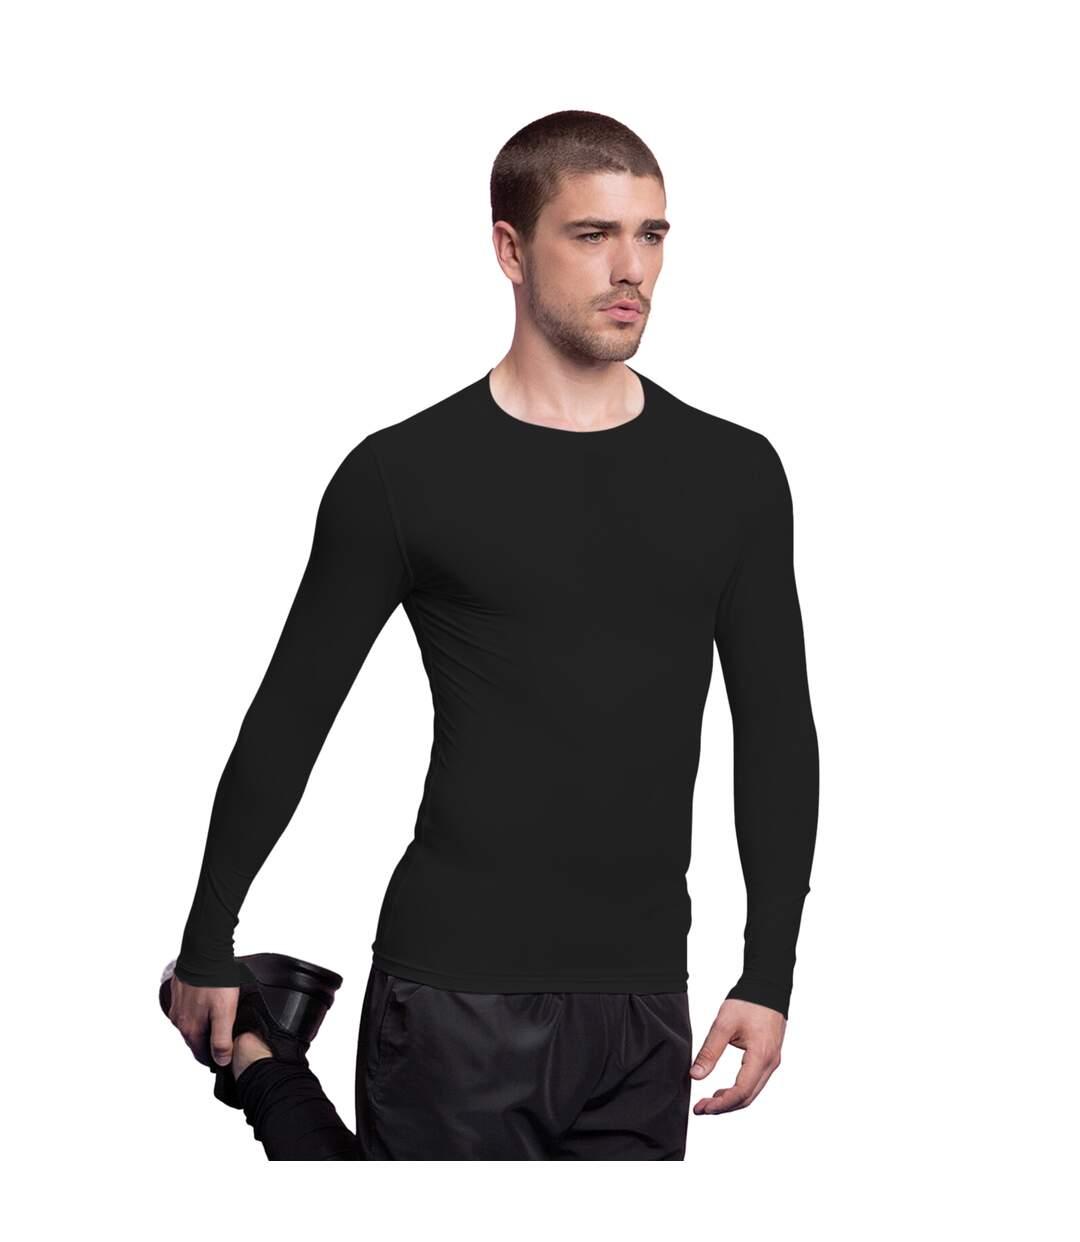 Gamegear® Warmtex - T-shirt thermique à manches longues - Homme (Bleu marine) - UTBC438